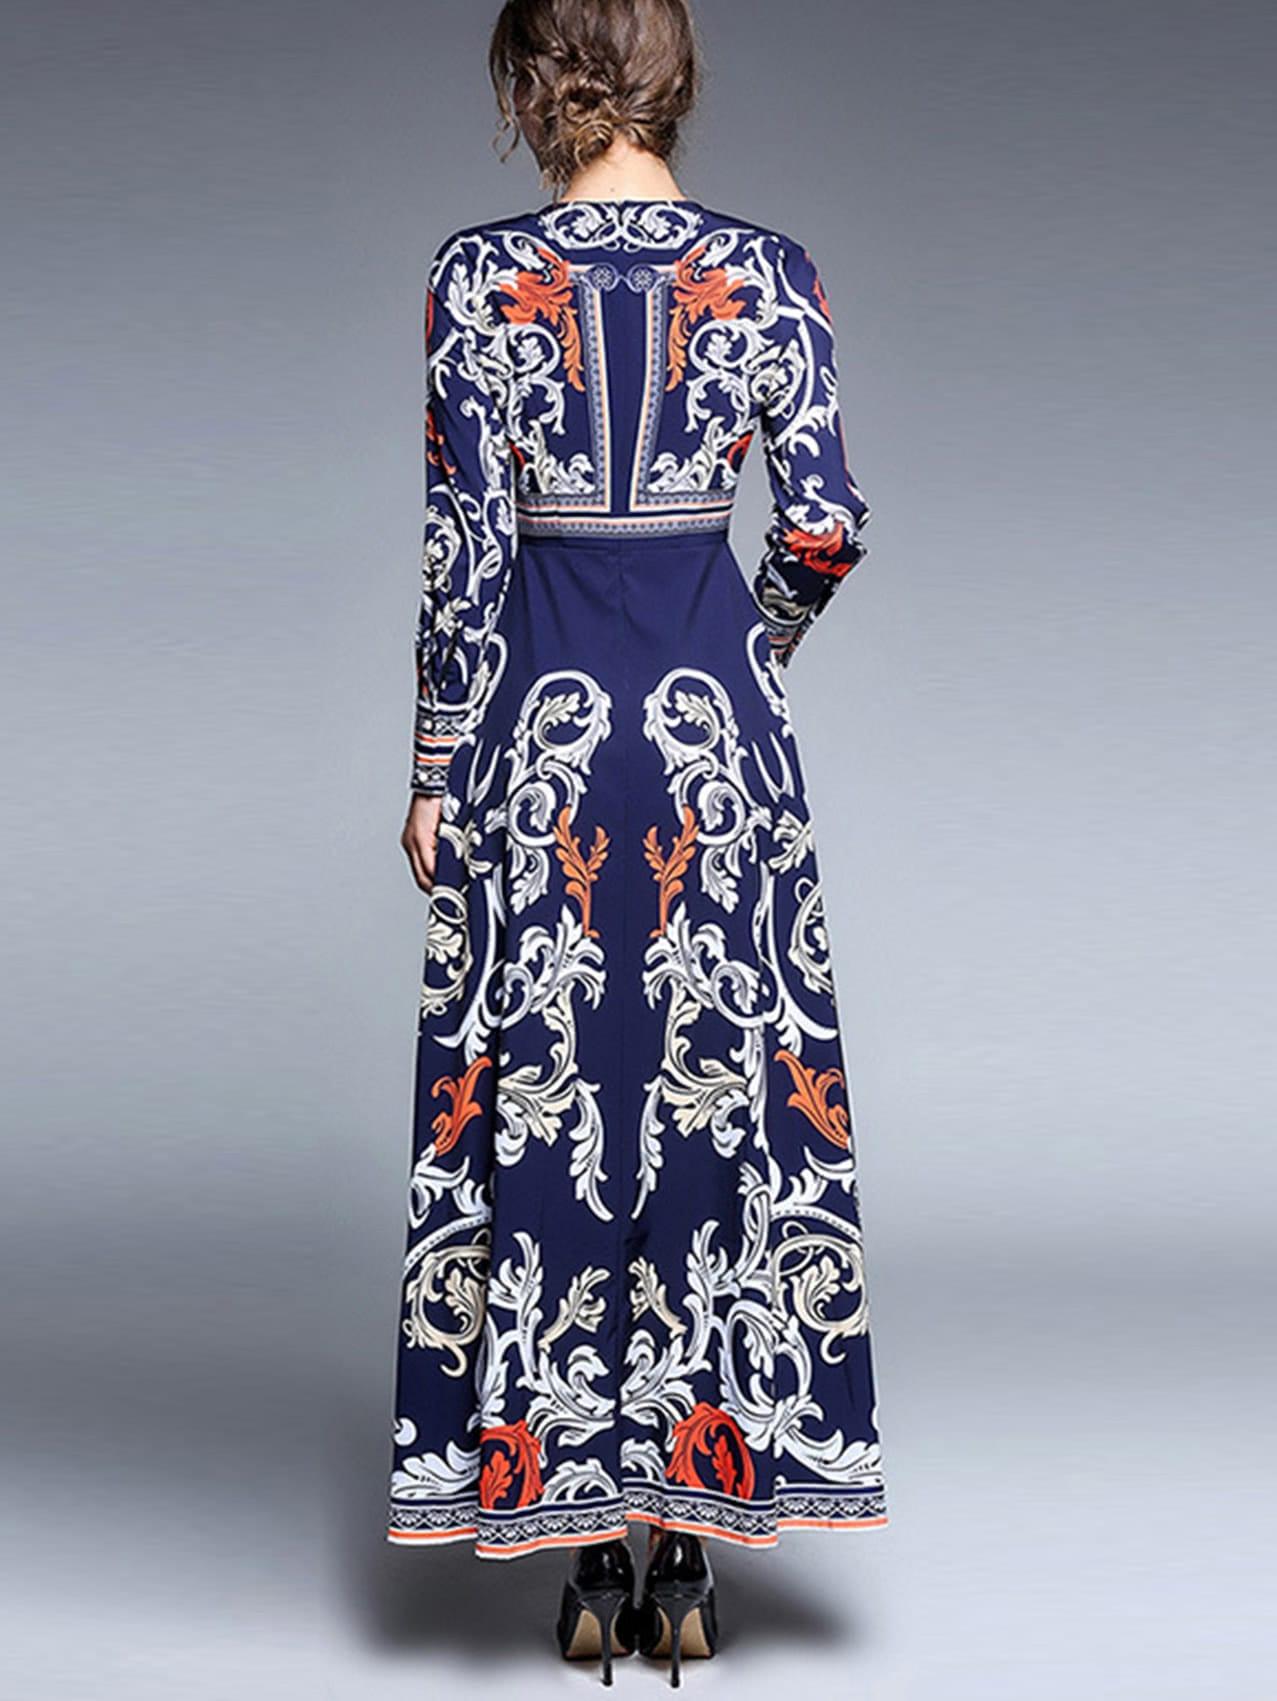 Strassschmuck  Kleid mit Porzellanmuster und Strass Schmuck- German SheIn(Sheinside)